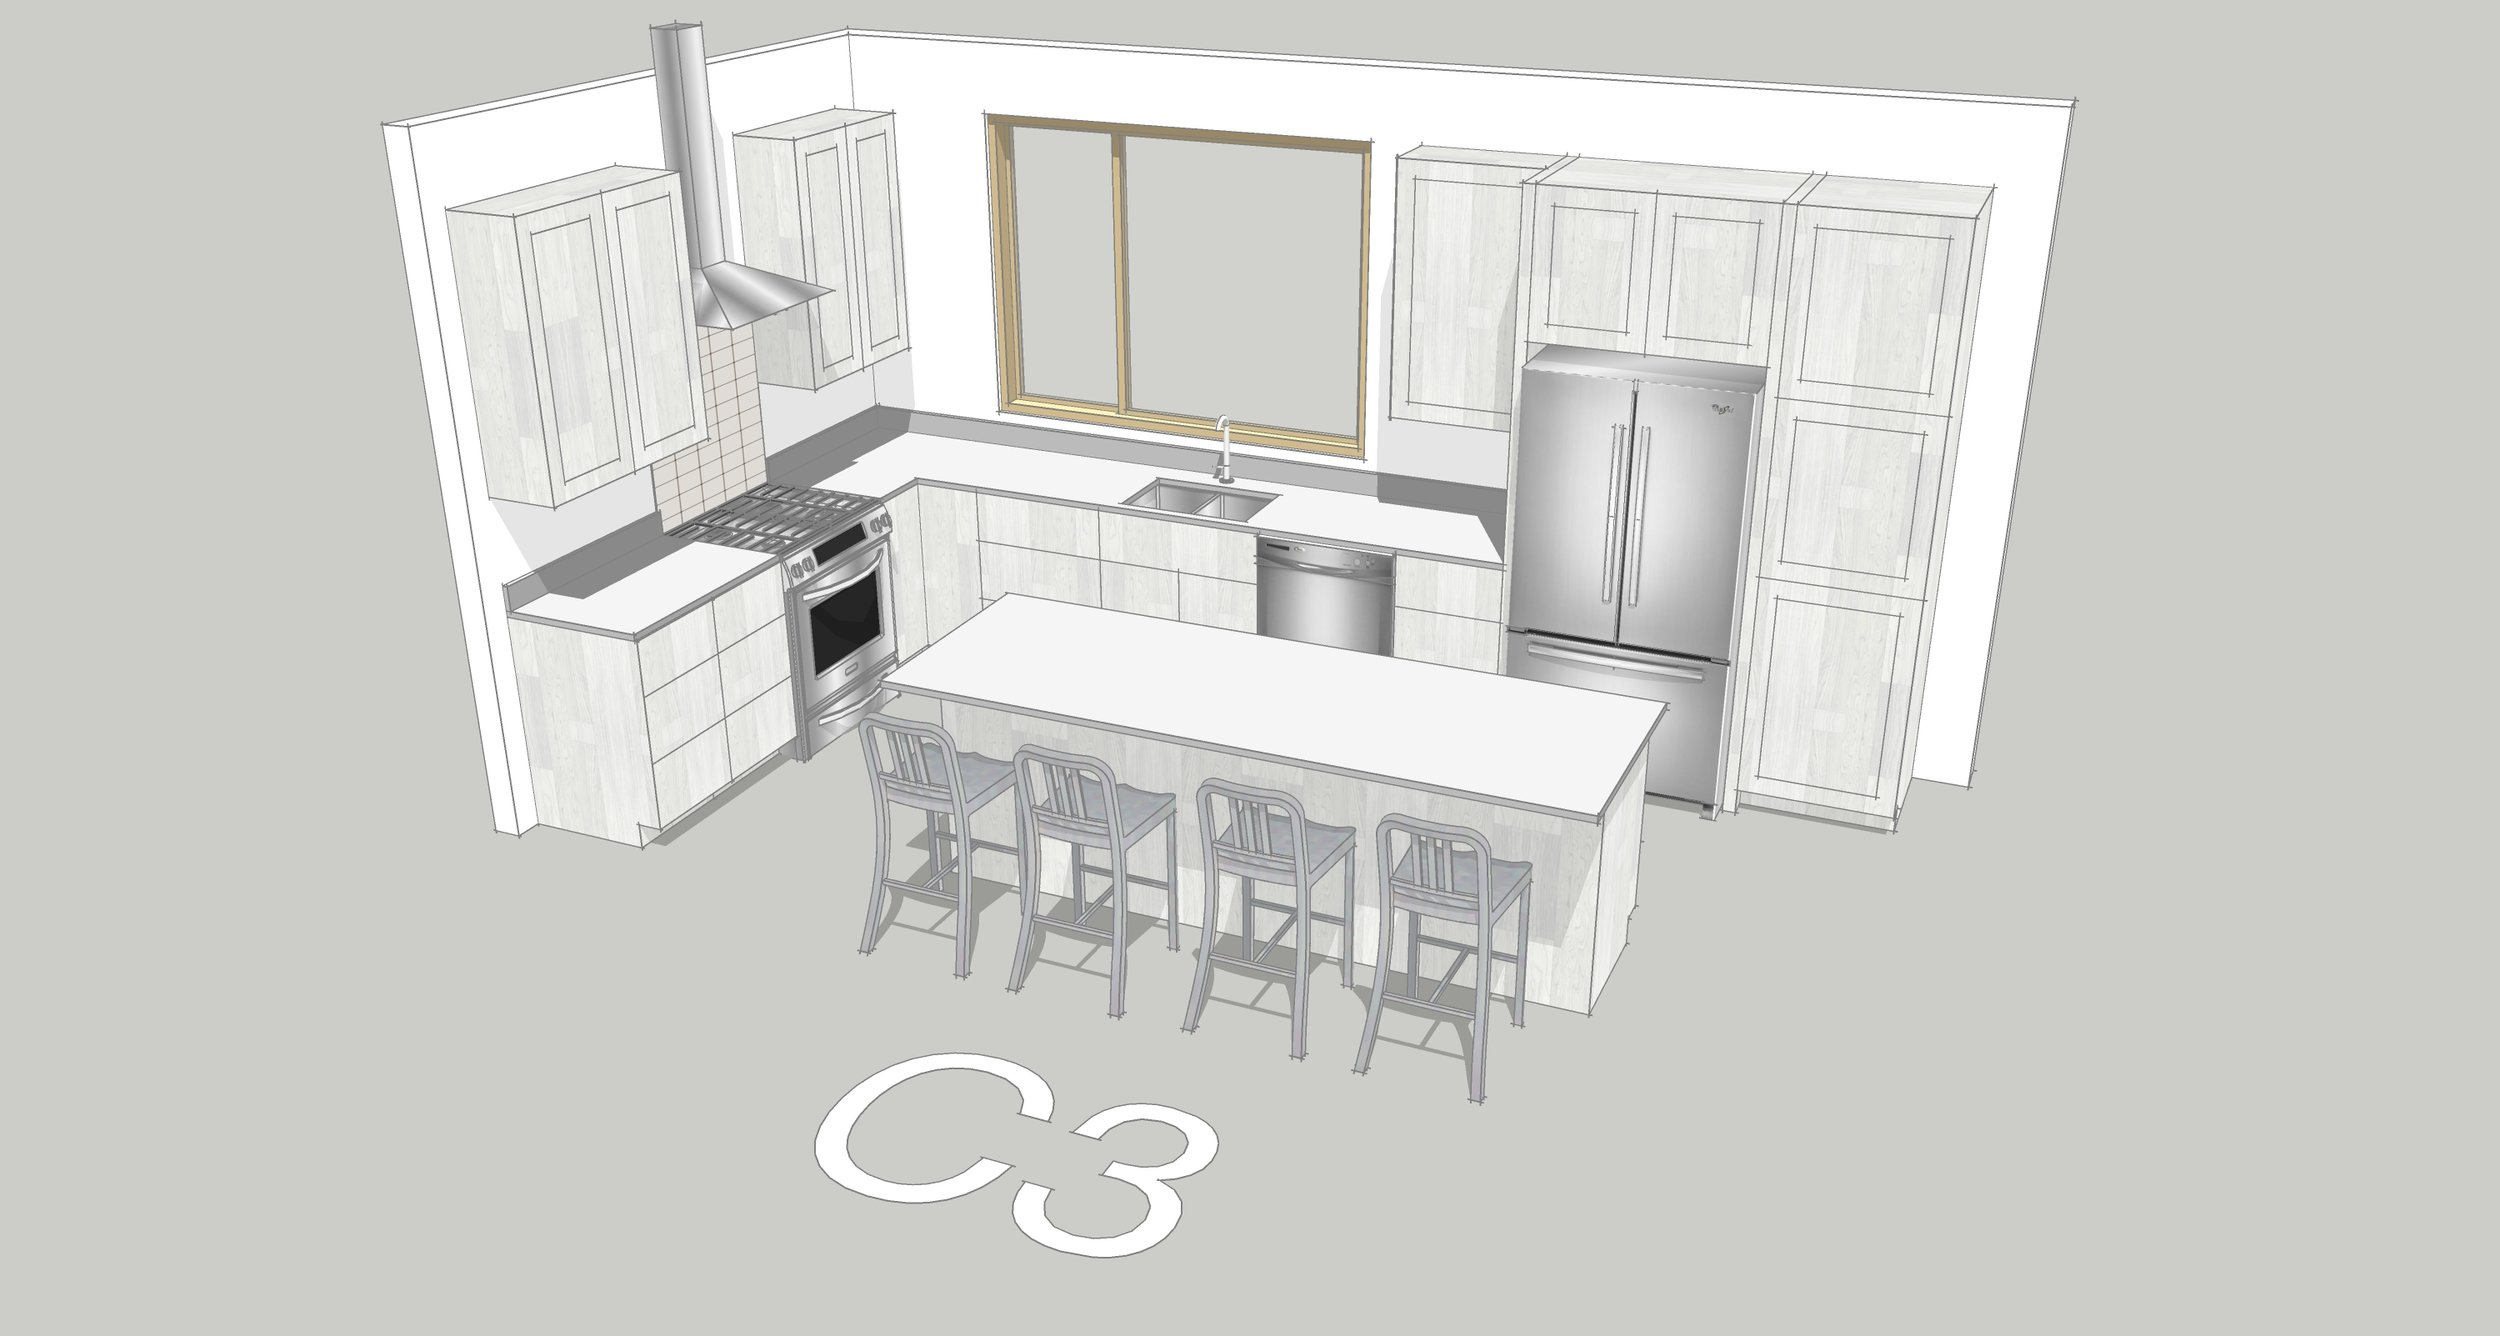 c3 kitchen.jpg